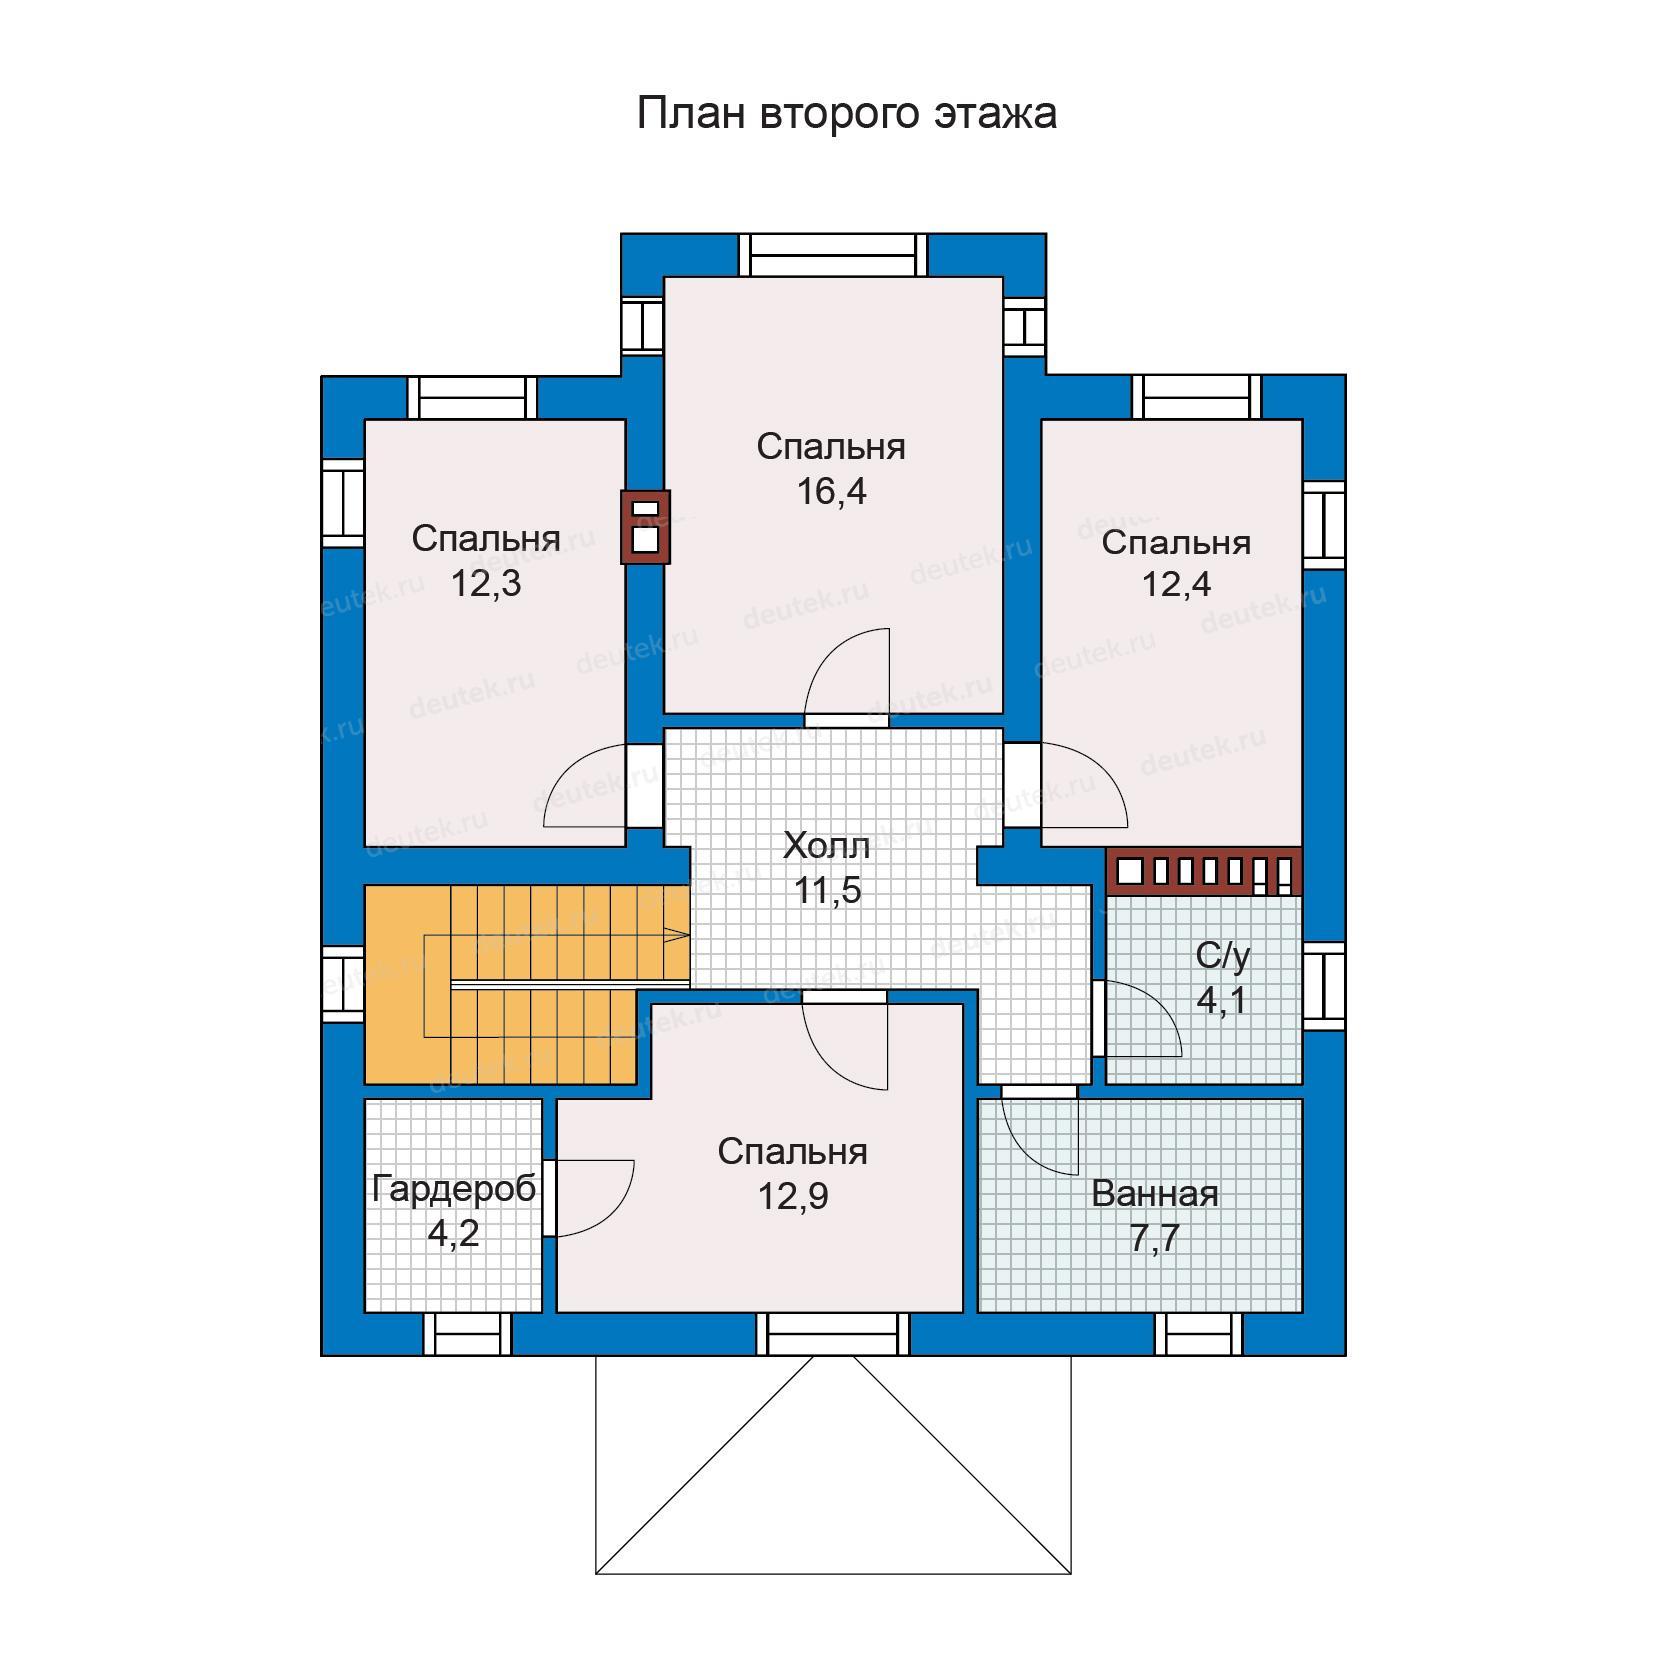 можно проект коттеджа с 4 спальнями на втором этаже самого